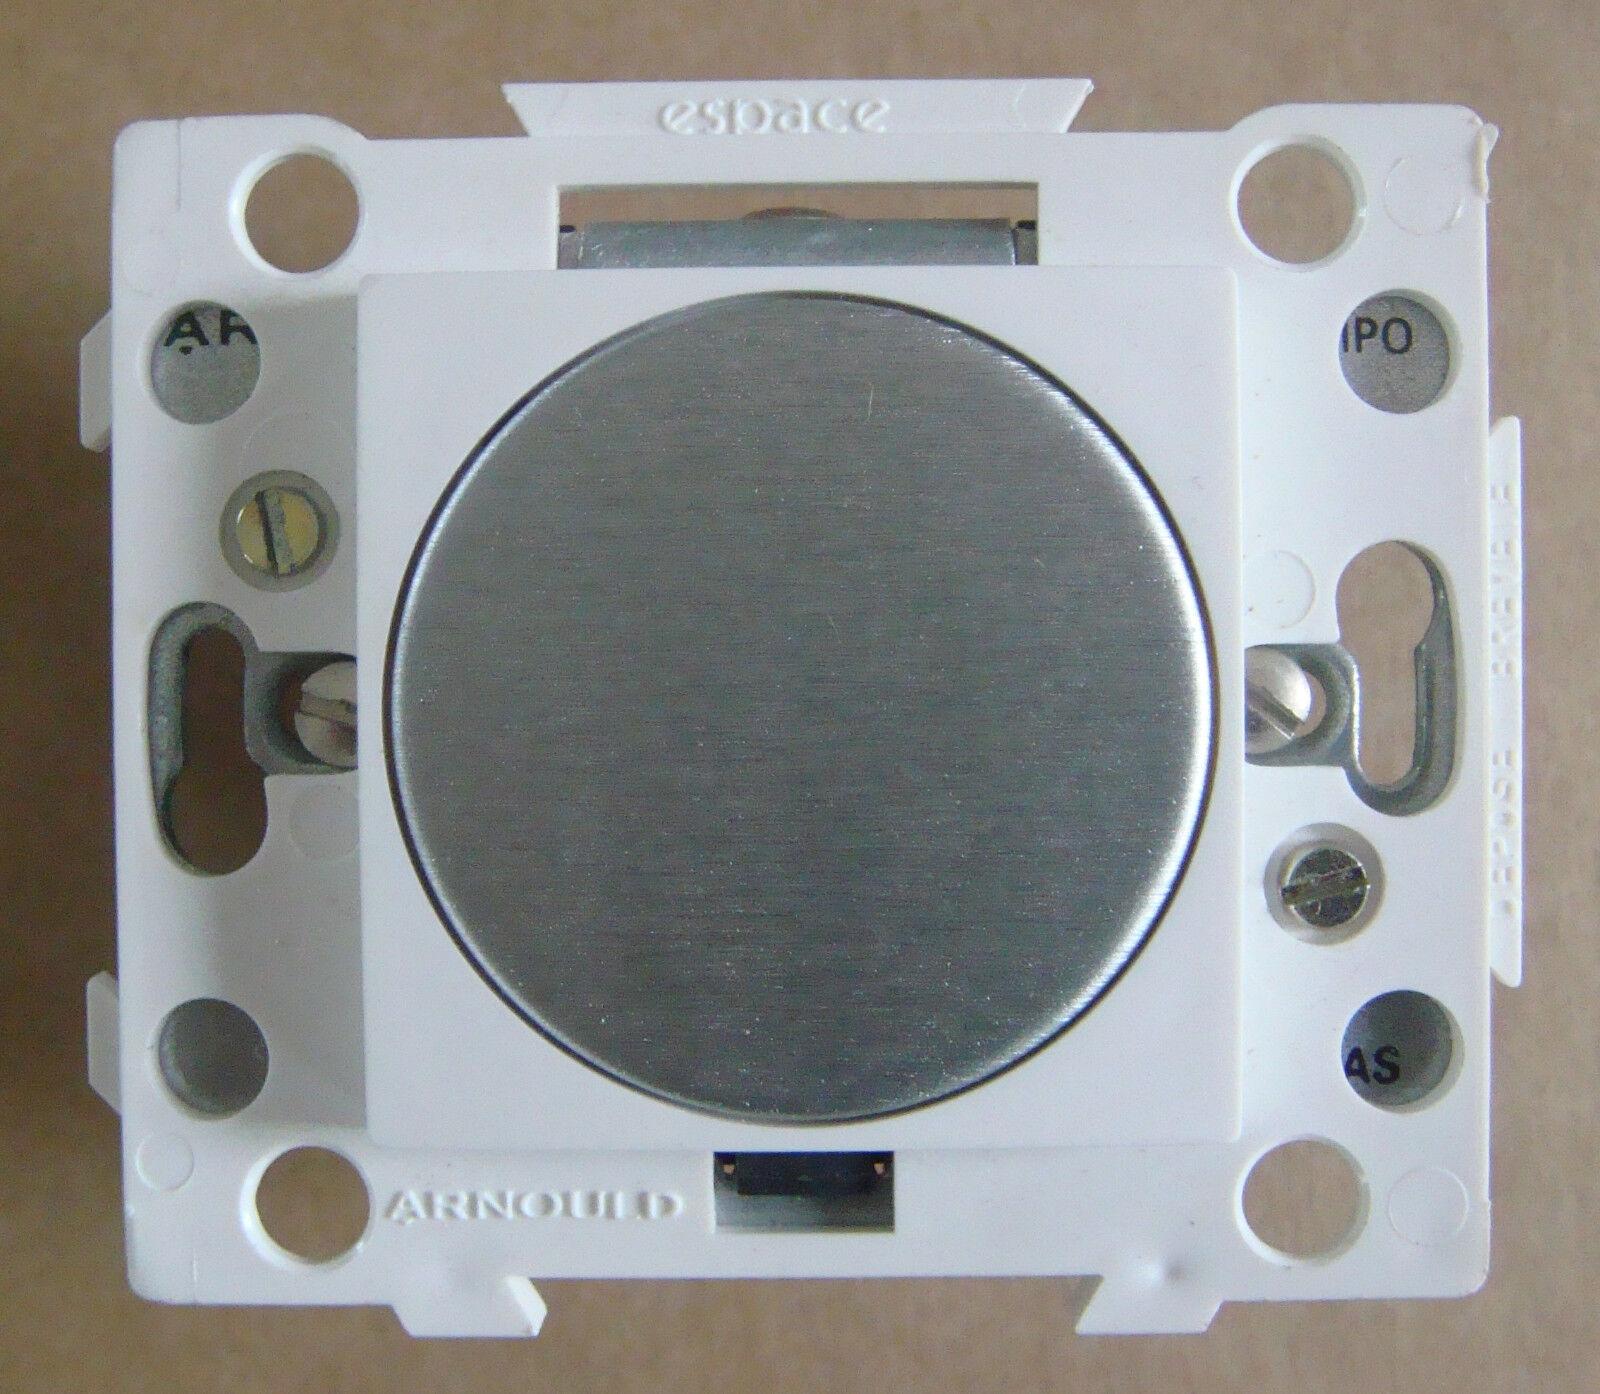 Minuterie,Arnould Minuterie,Arnould Minuterie,Arnould Espace,Mécanisme Interrupteur Temporisé Sensor,1 à 20 Mn,60380 0d5cfc